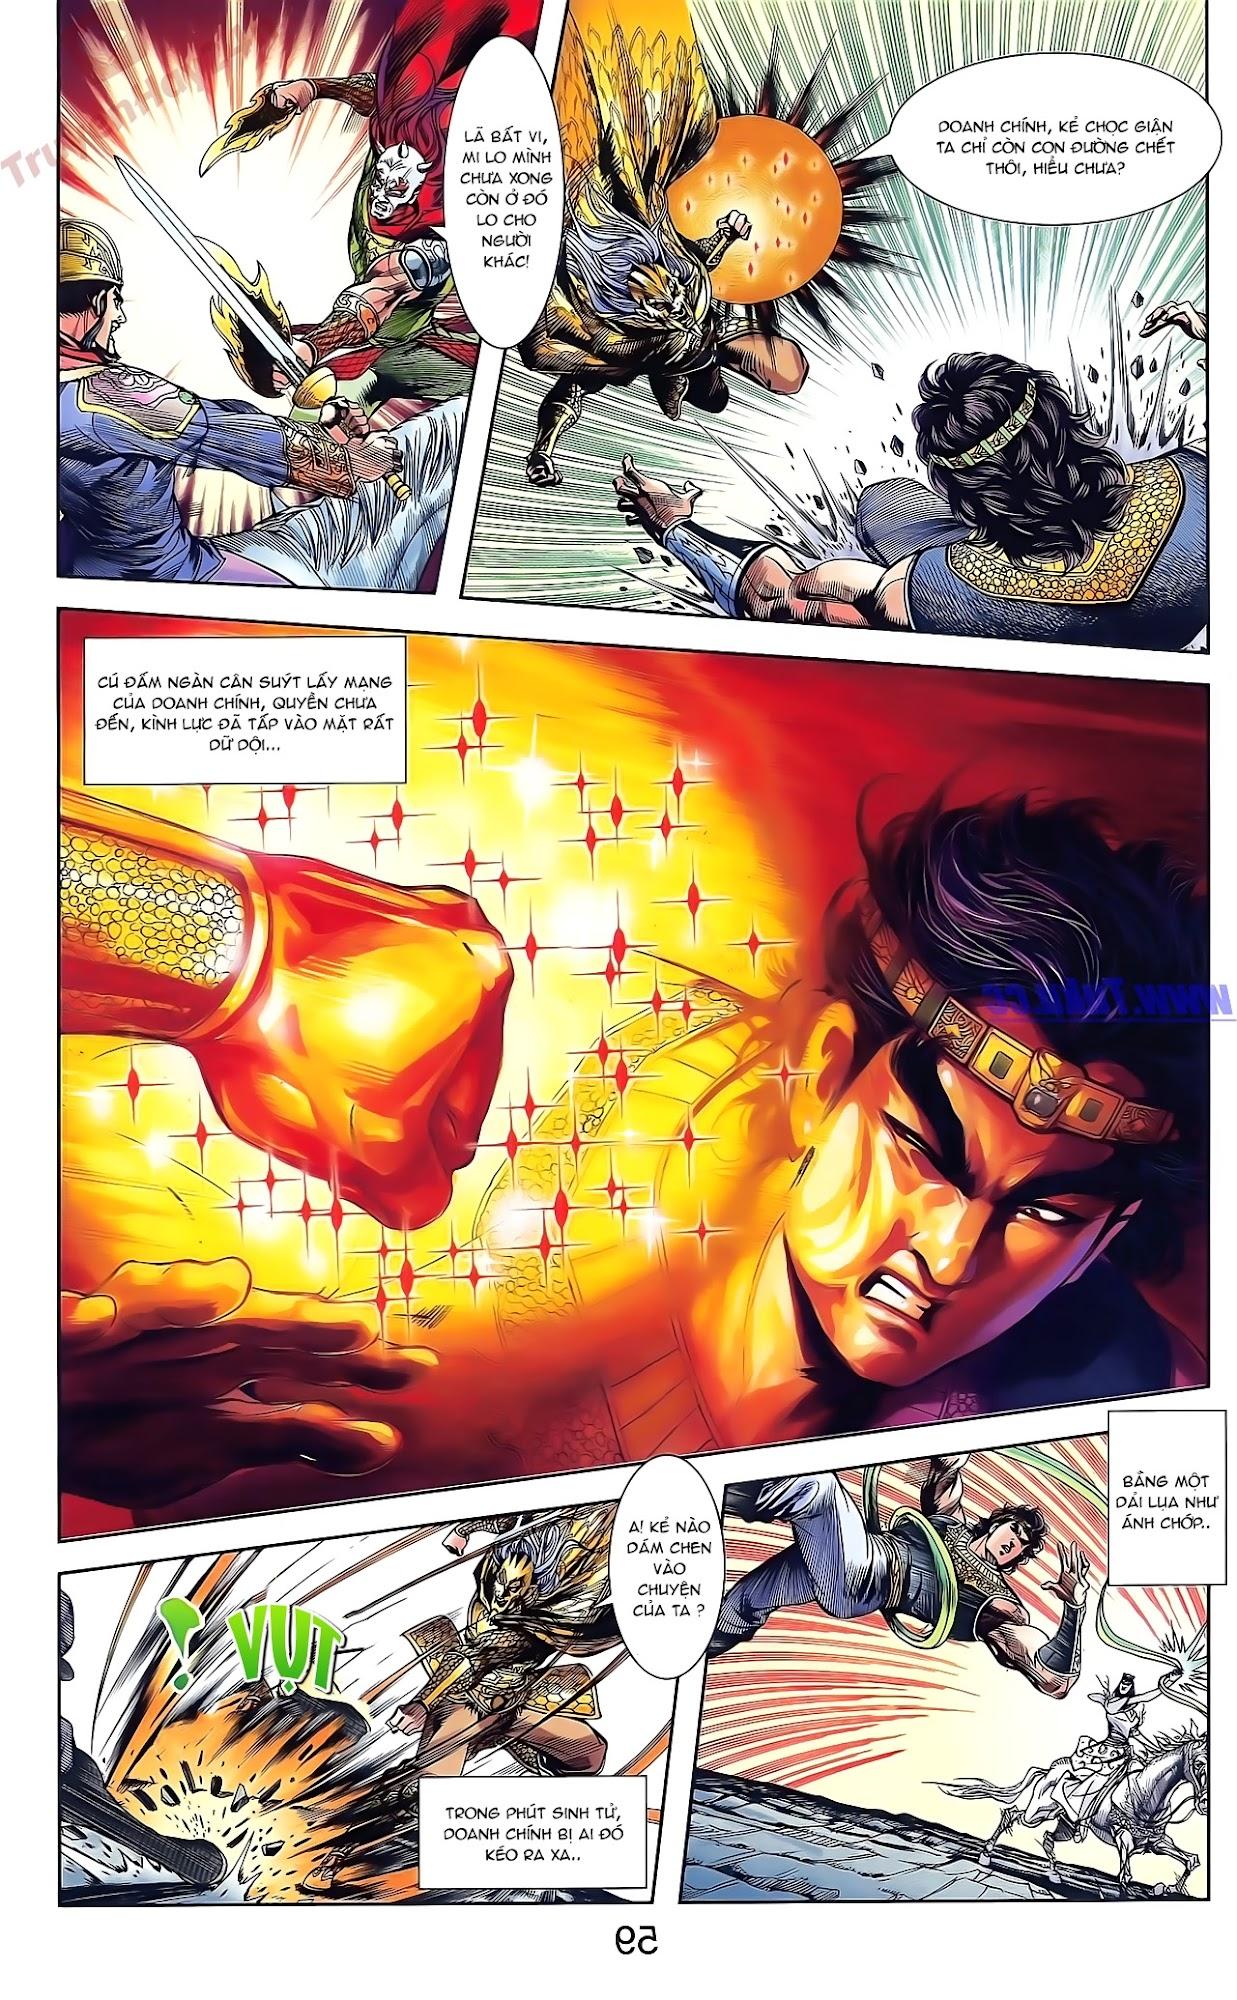 Tần Vương Doanh Chính chapter 49 trang 13